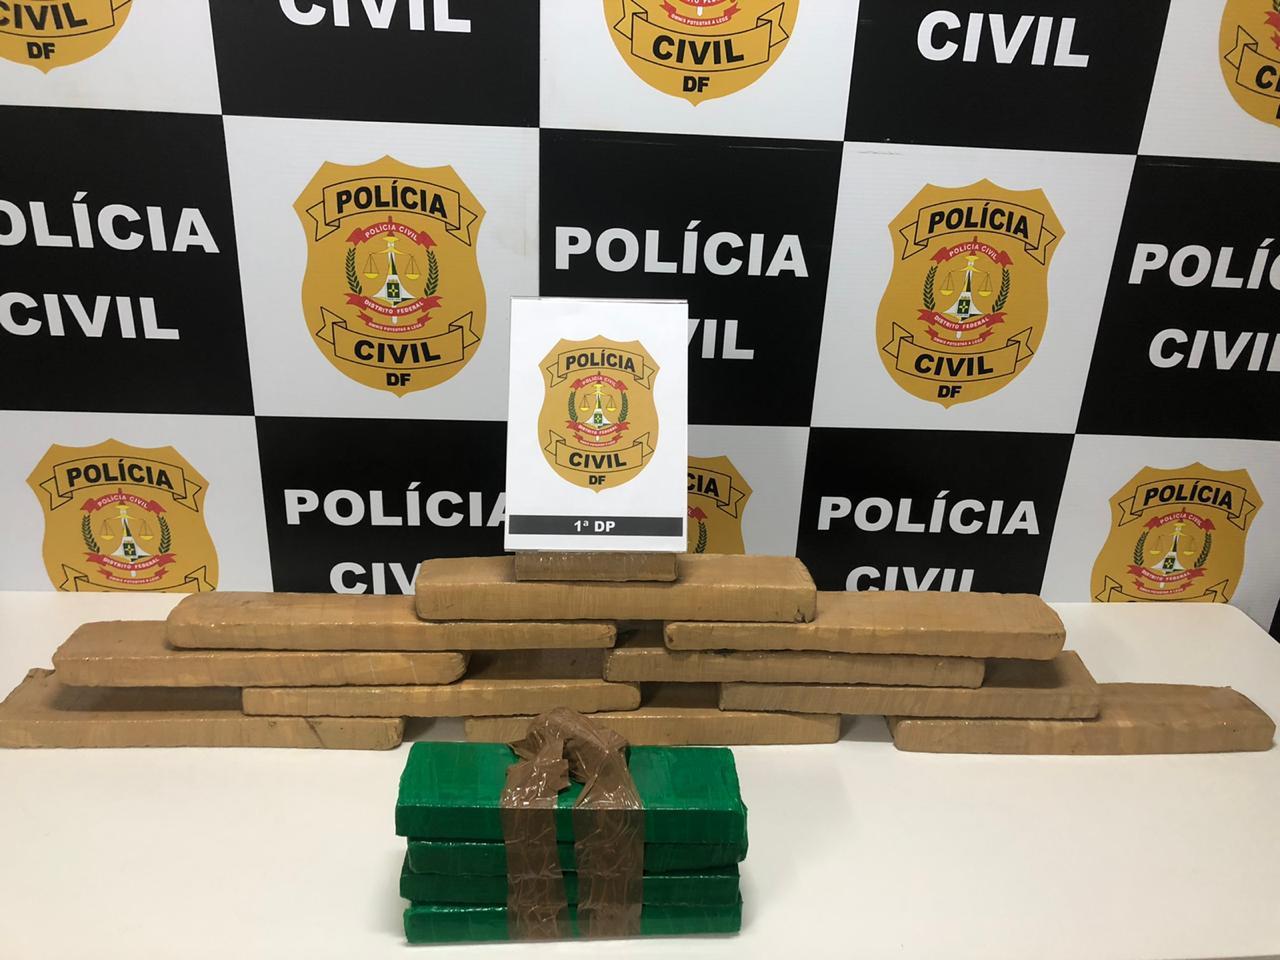 20 kg de maconha apreendidos pela Polícia Civil do DF